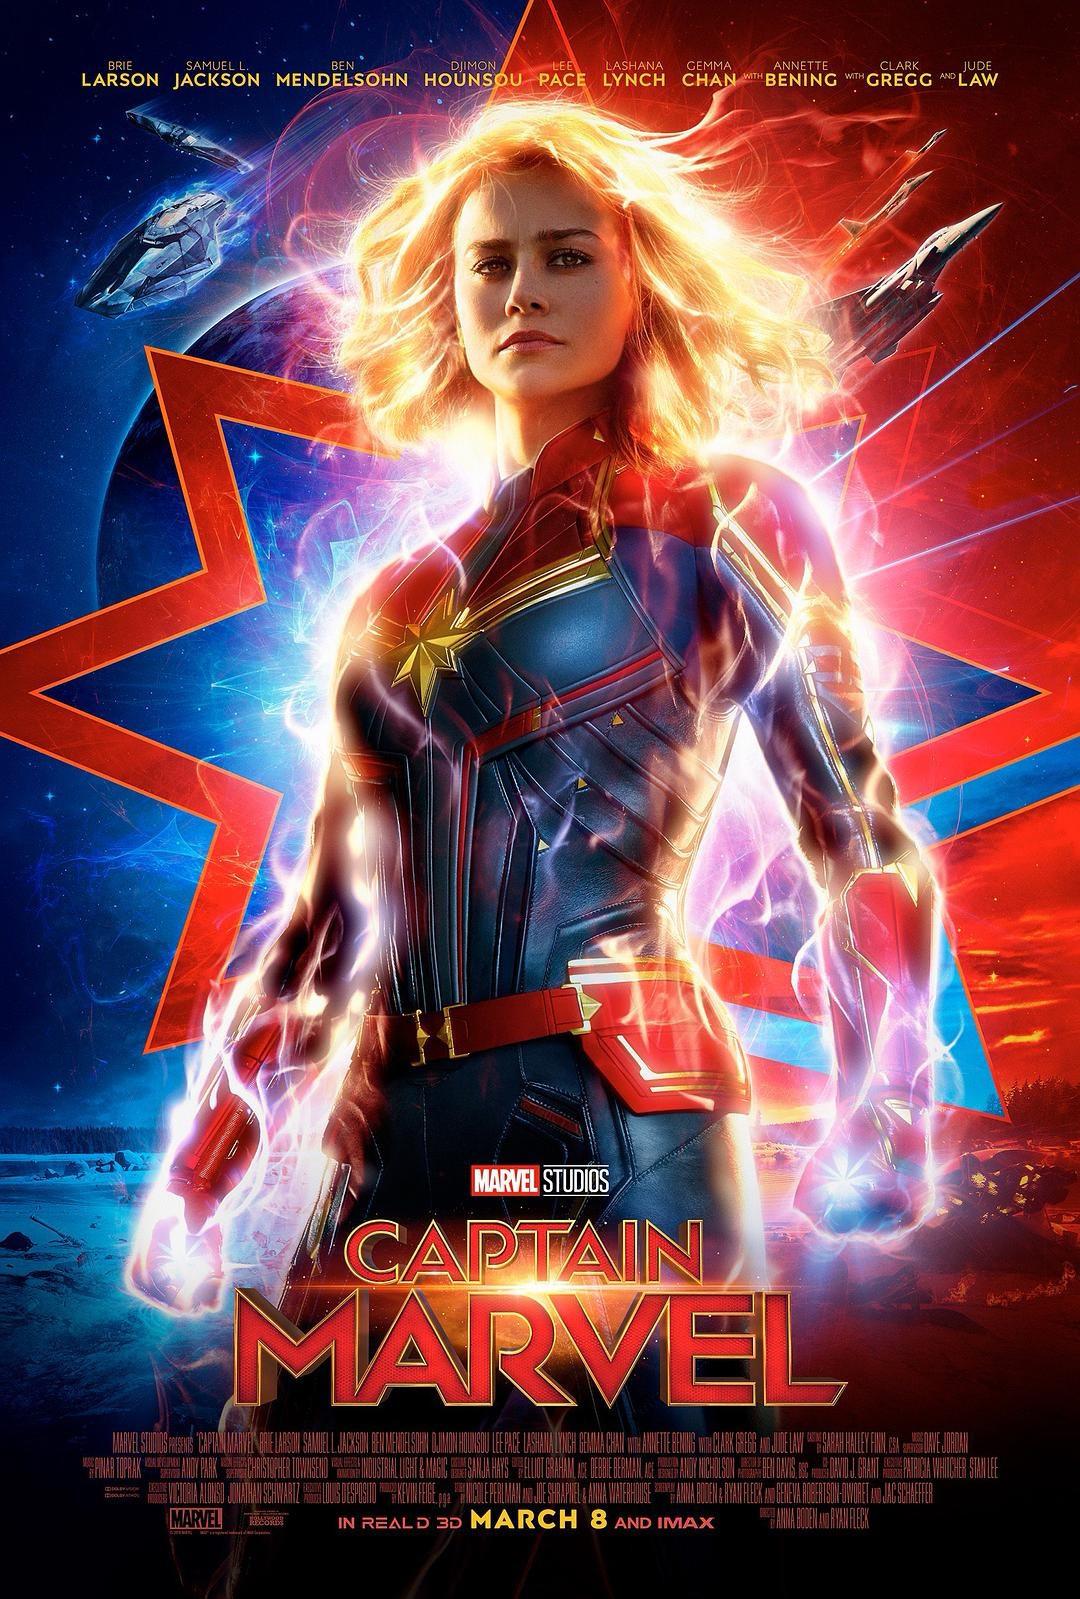 惊奇队长比神奇女侠更火爆,全球票房即将突破9亿美元